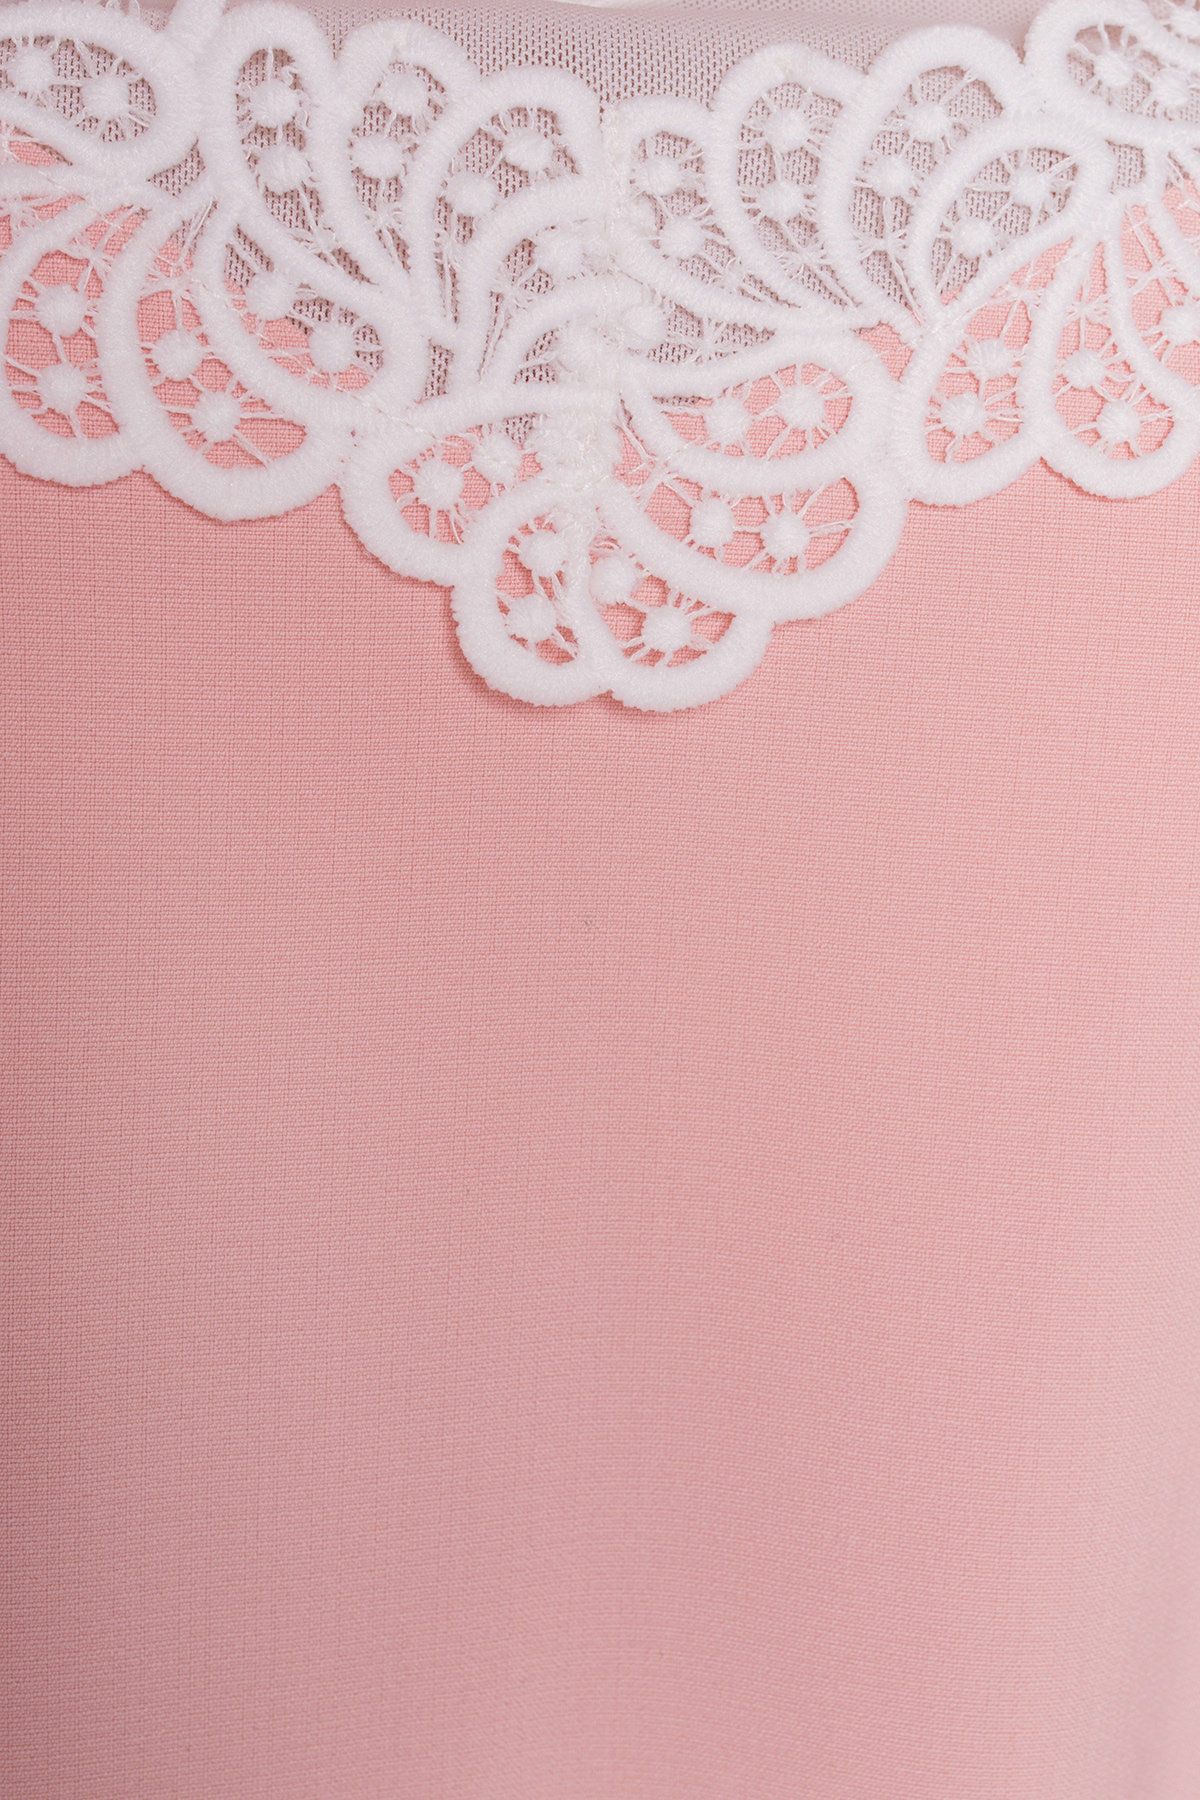 Платье Элиссон 5080 Цвет: Персик